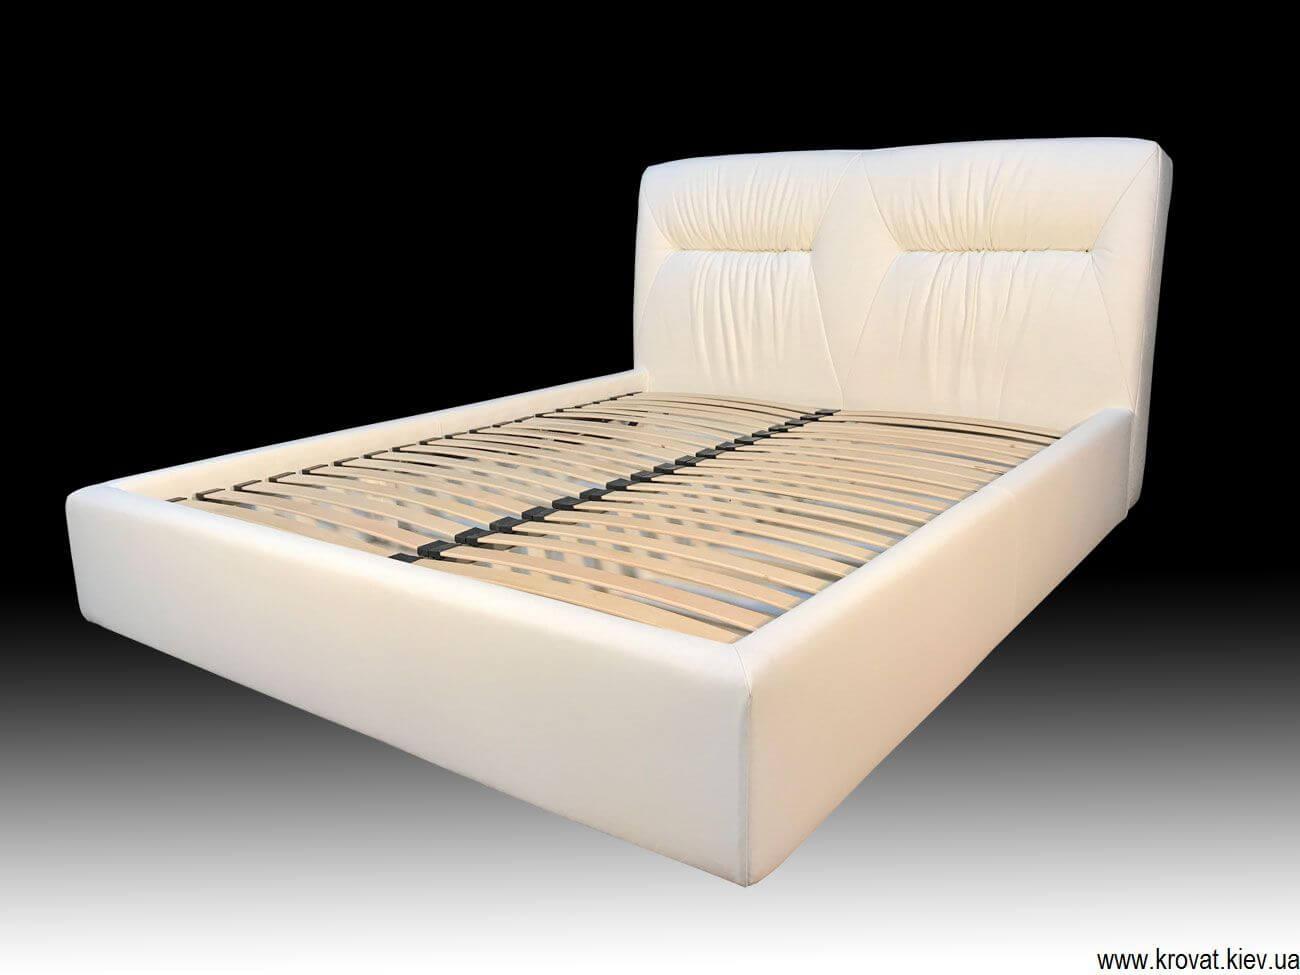 Кровать Марсель в натуральной белой коже на заказ